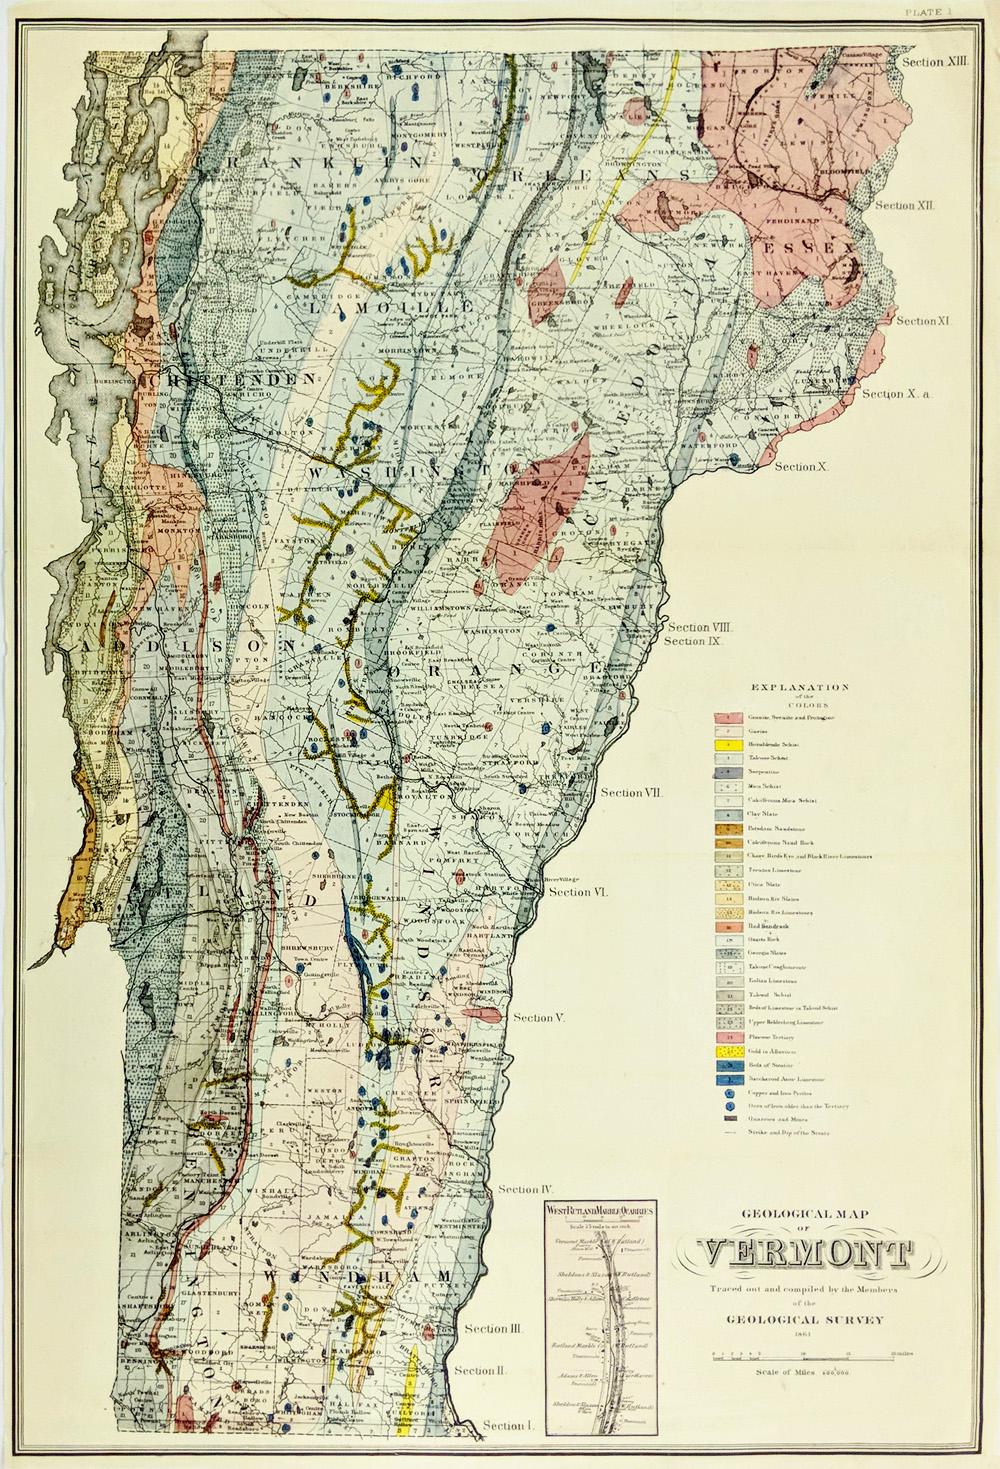 Prints Old & Rare - Vermont - Antique Maps & Prints